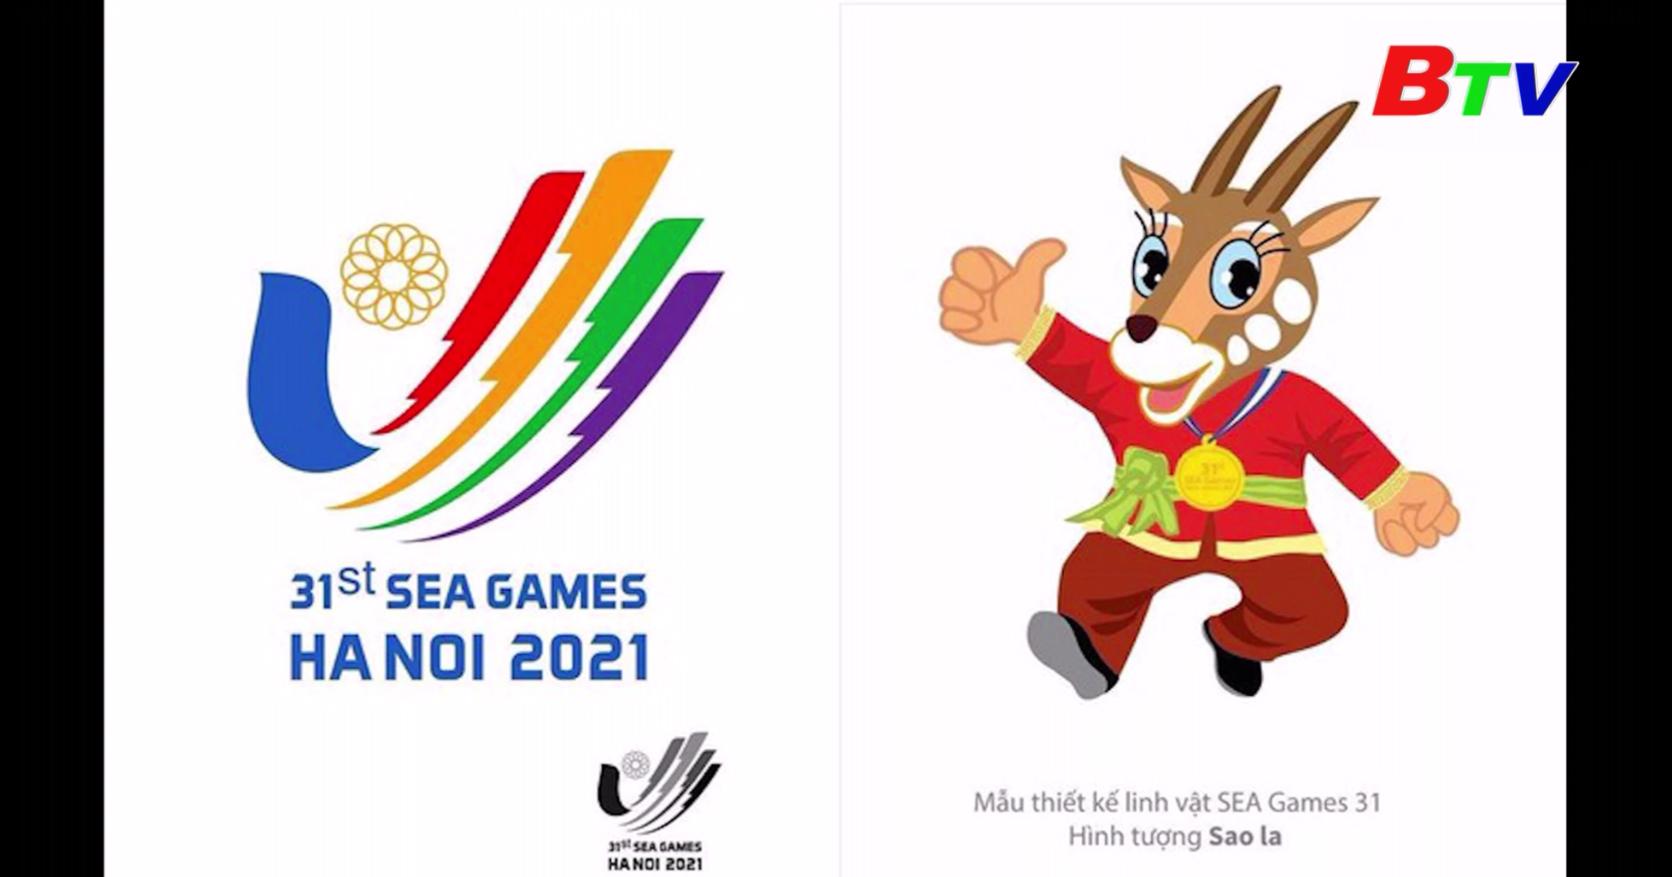 Sao La đã được chọn làm linh vật cho SEA Games 31